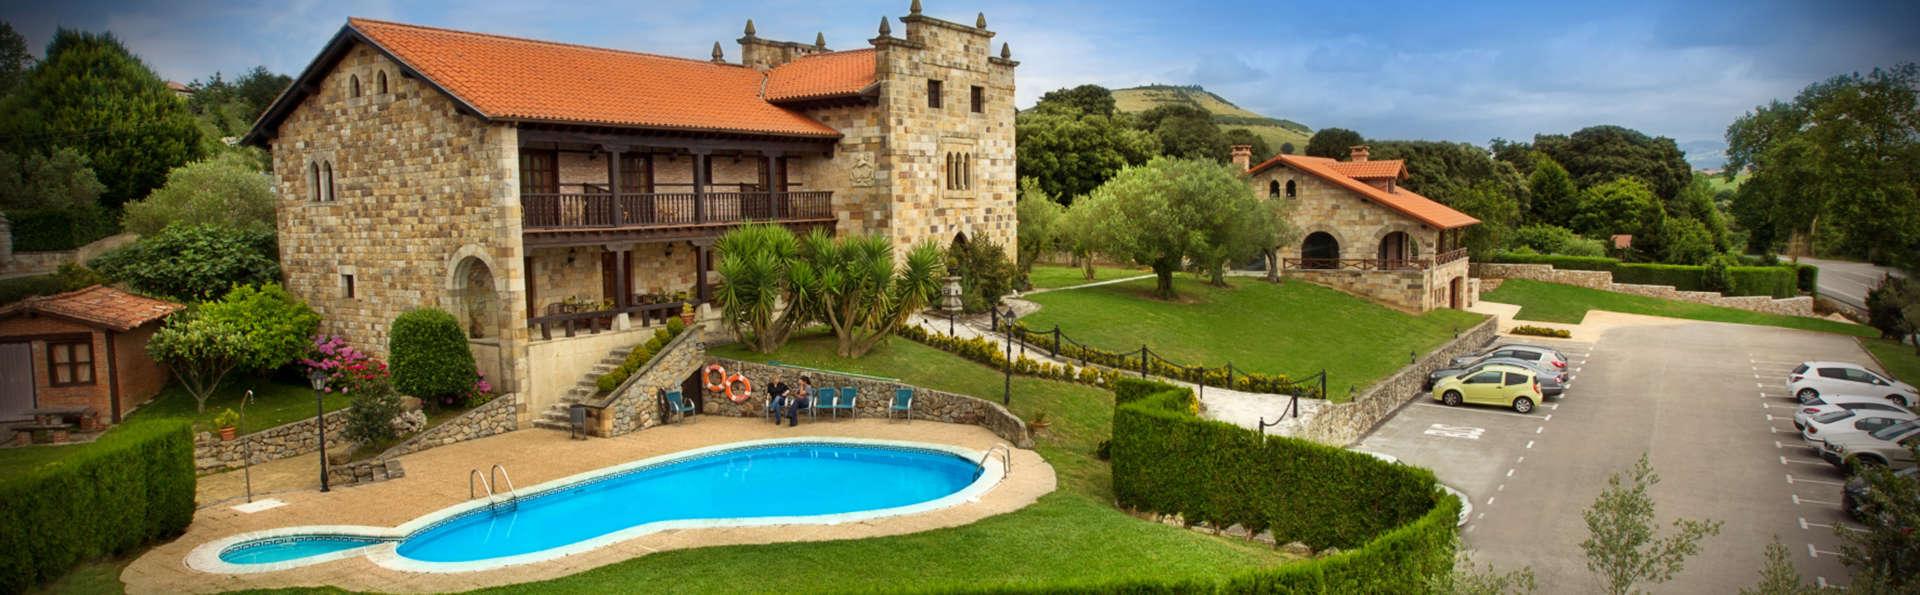 Posada Spa San Marcos - EDIT_Exterior_con_Piscina.JPG